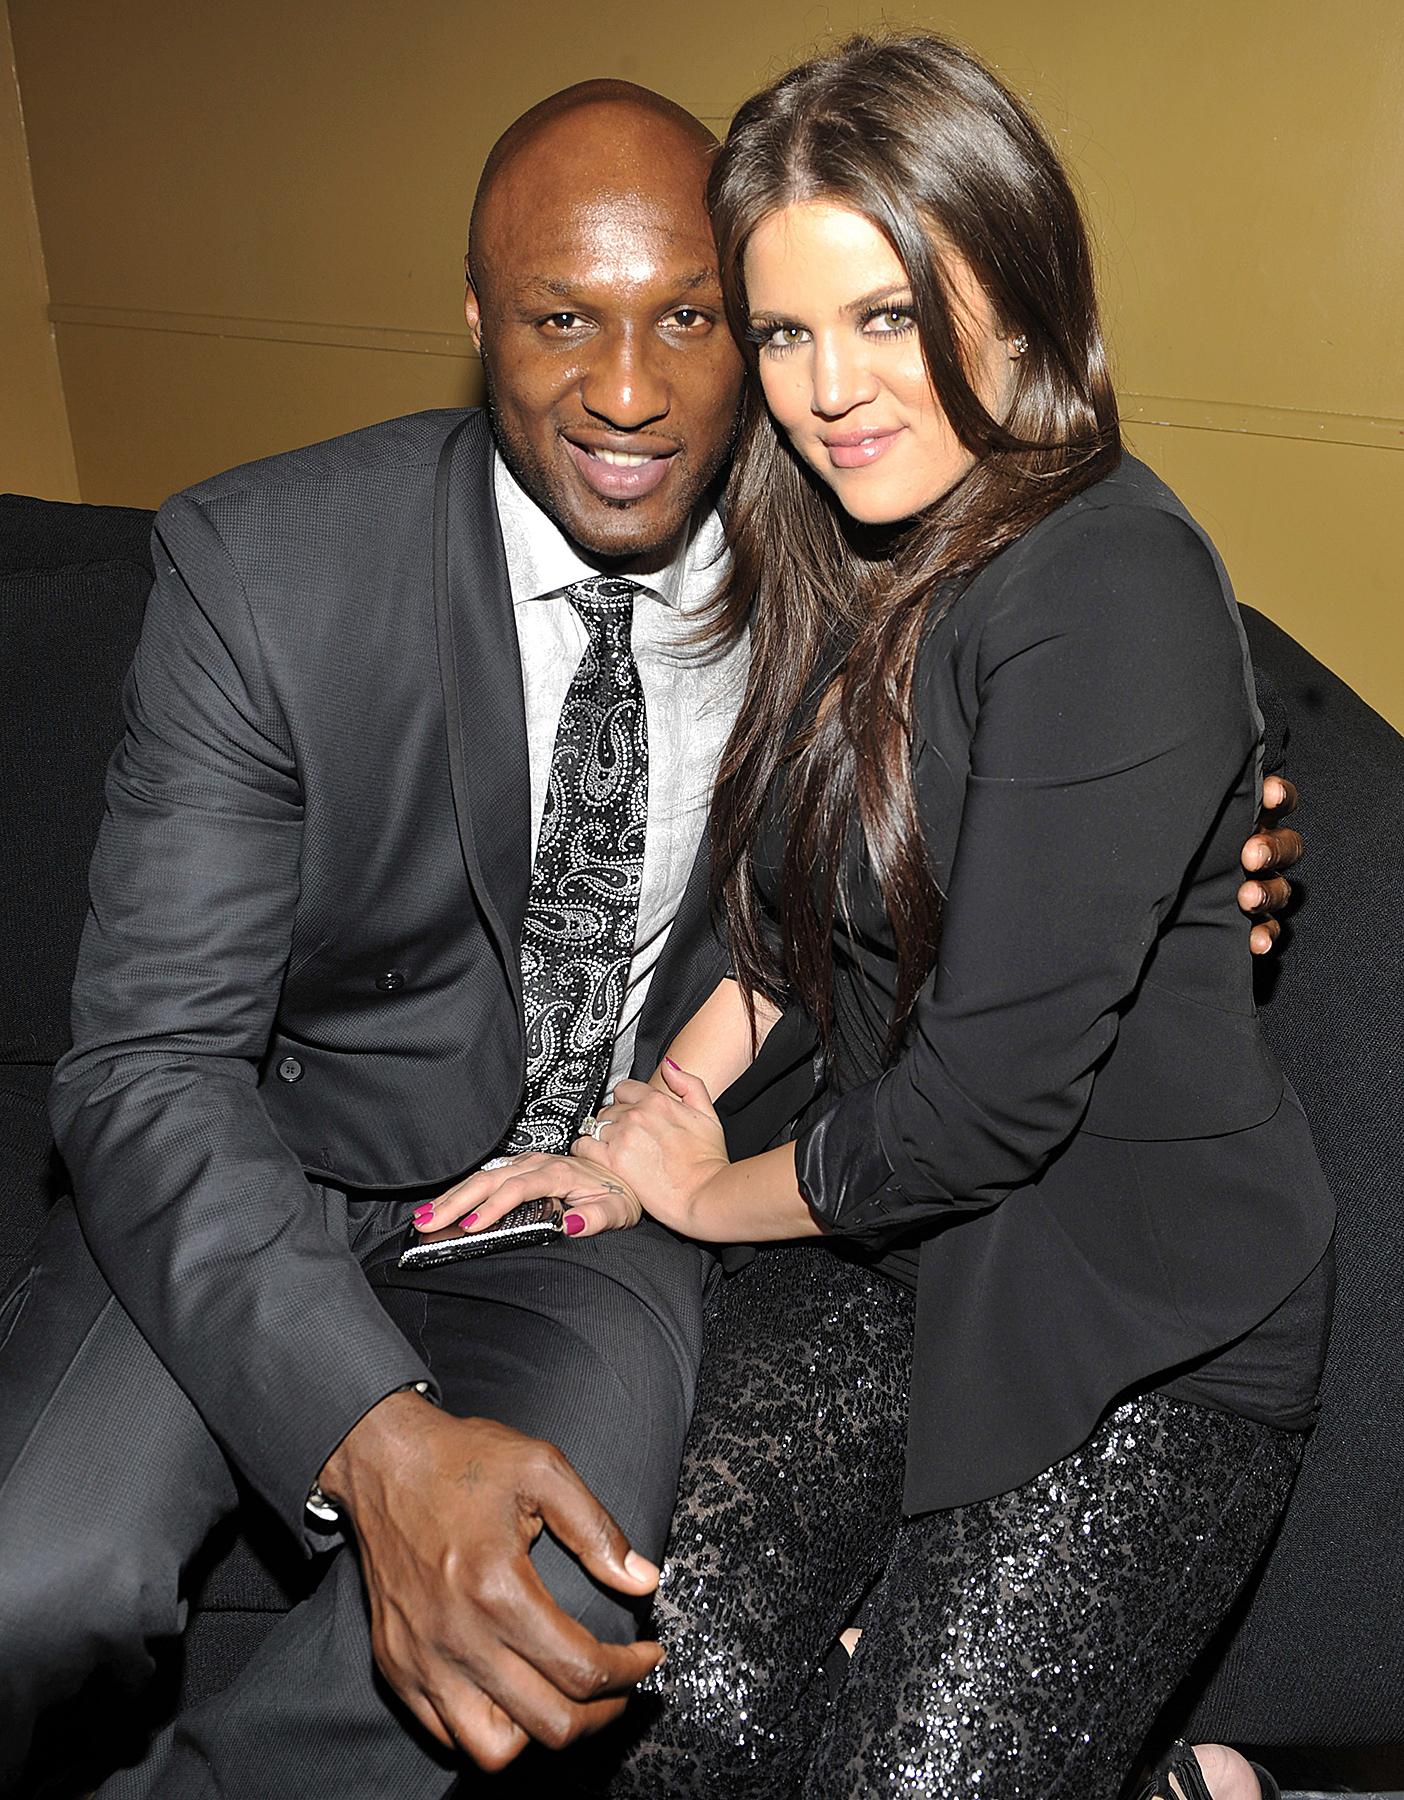 Khloe kardashian and lamar hookup again